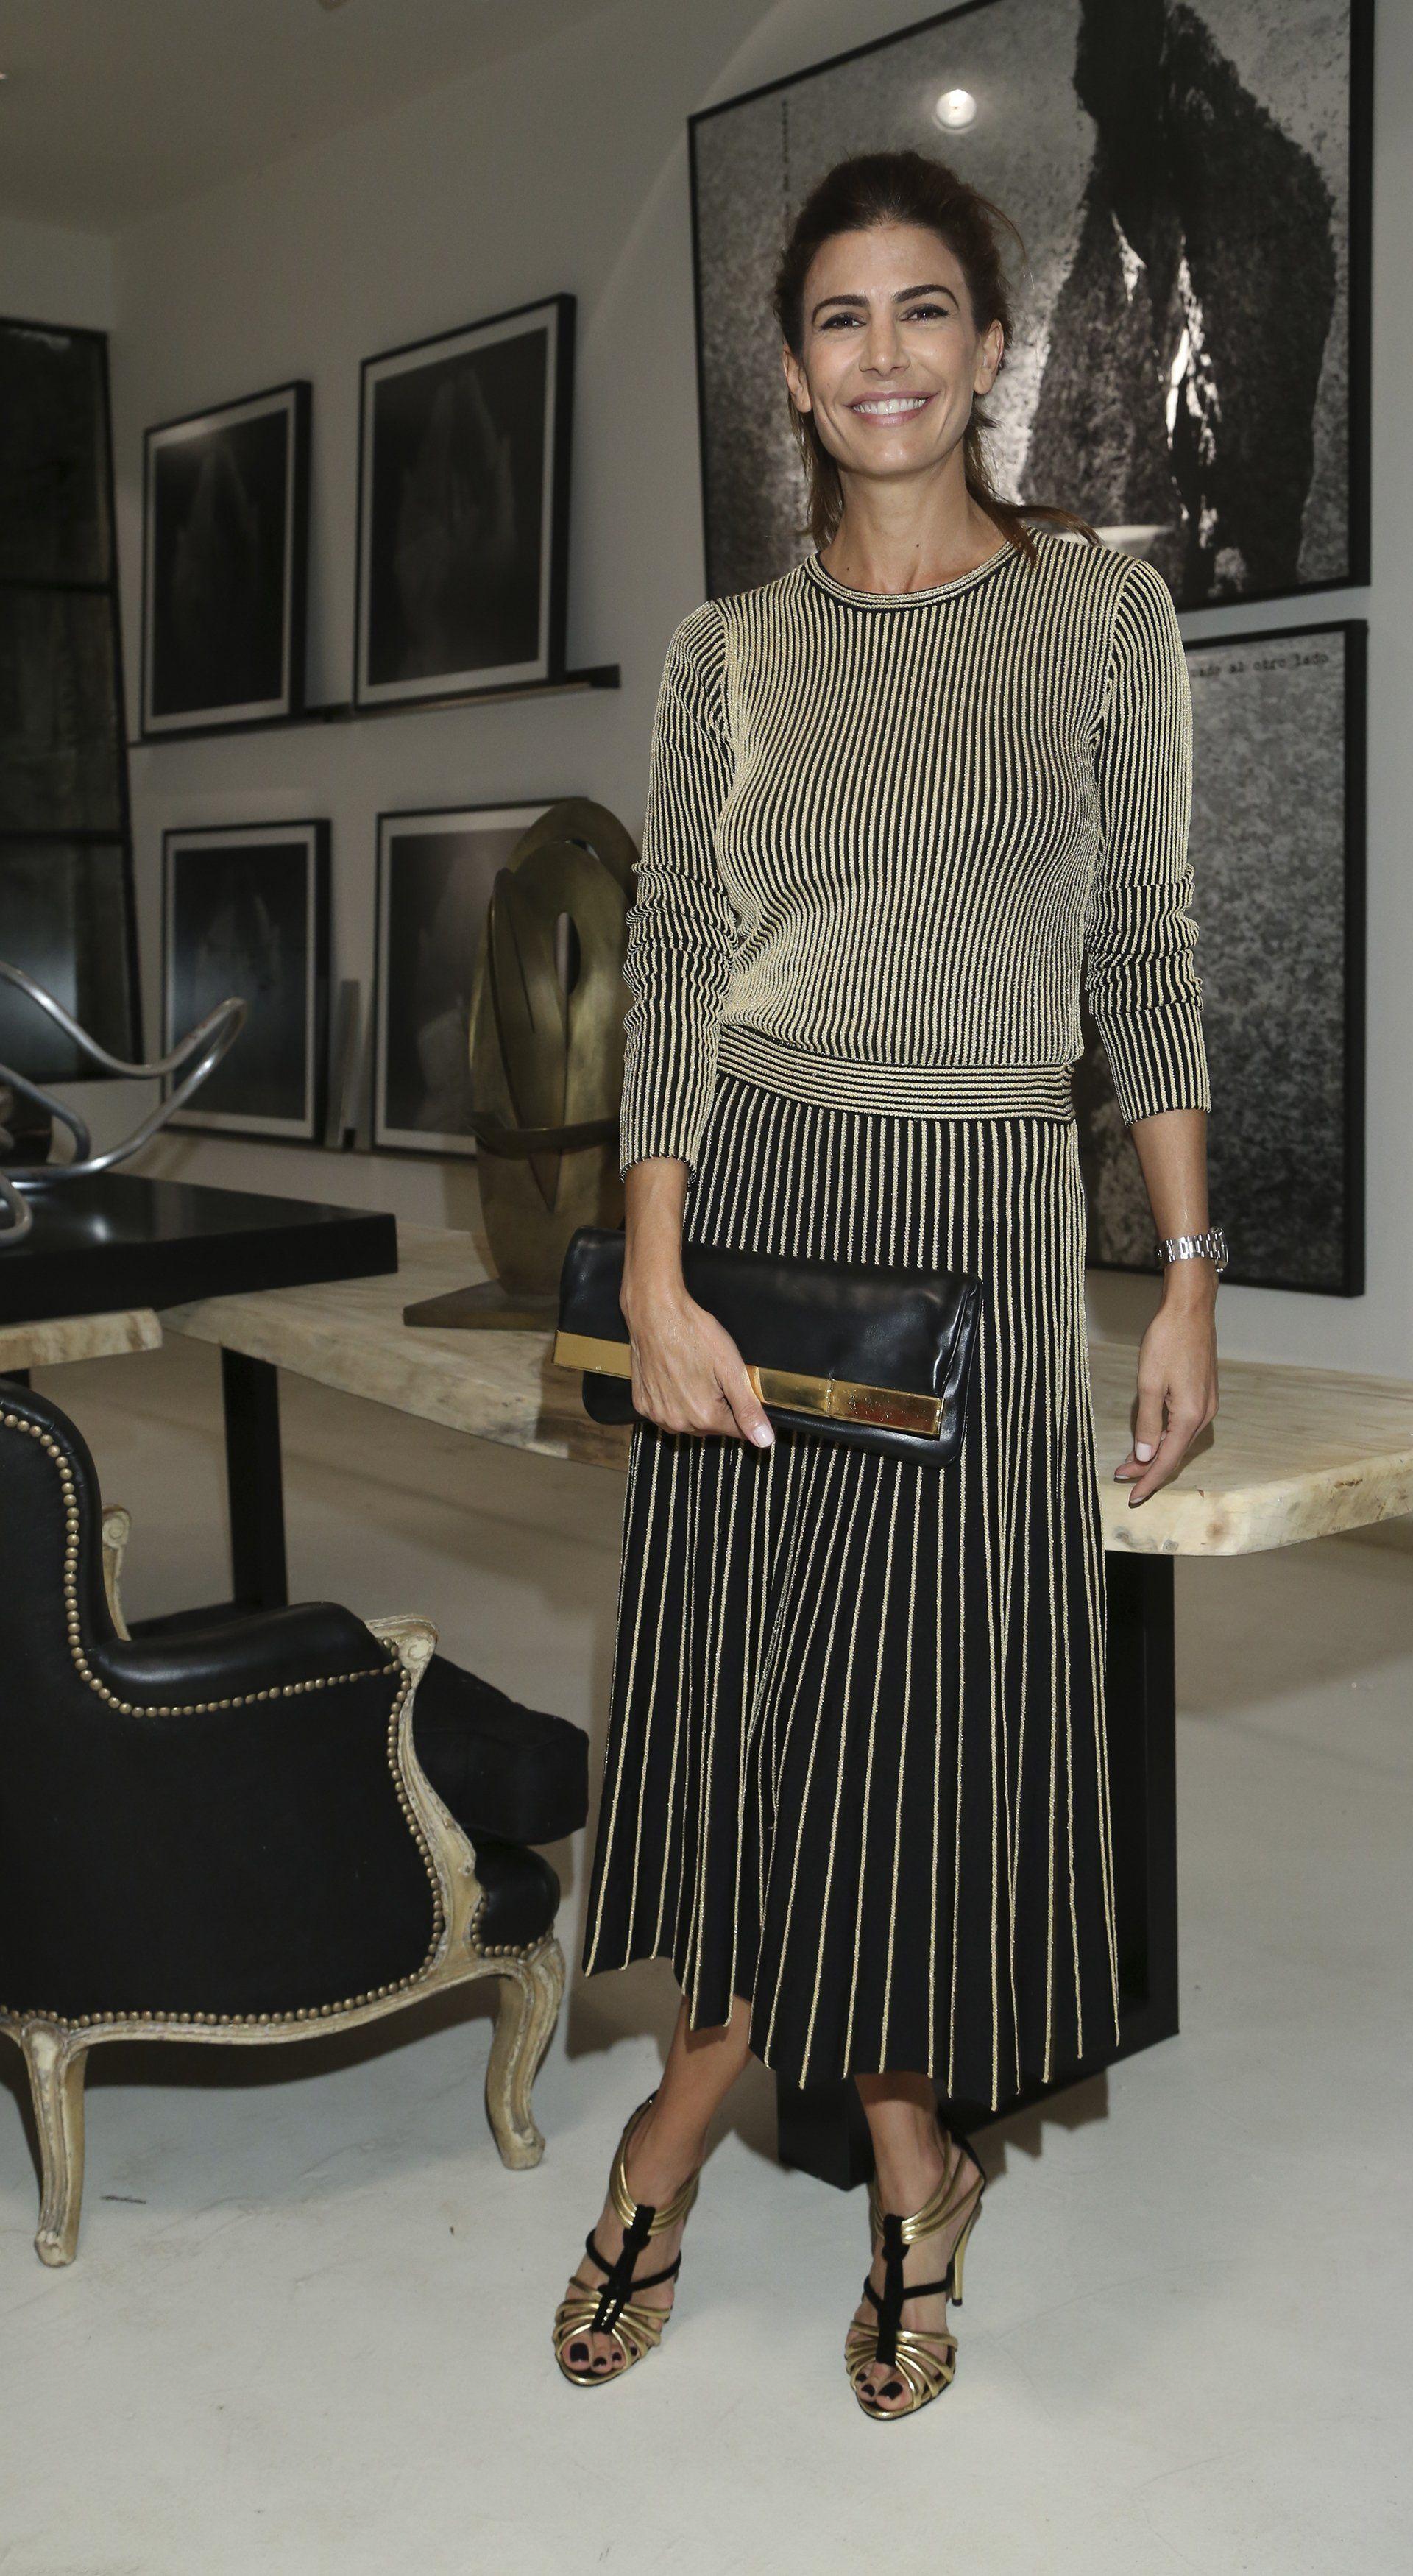 Como en cada una de sus apariciones públicas, Juliana Awada impactó con su look. Para la ocasión, eligió un vestido negro con rayas doradas de escote redondo y mangas largas. Lo acompanó con sandalias y un gran sobre de cuero haciendo juego